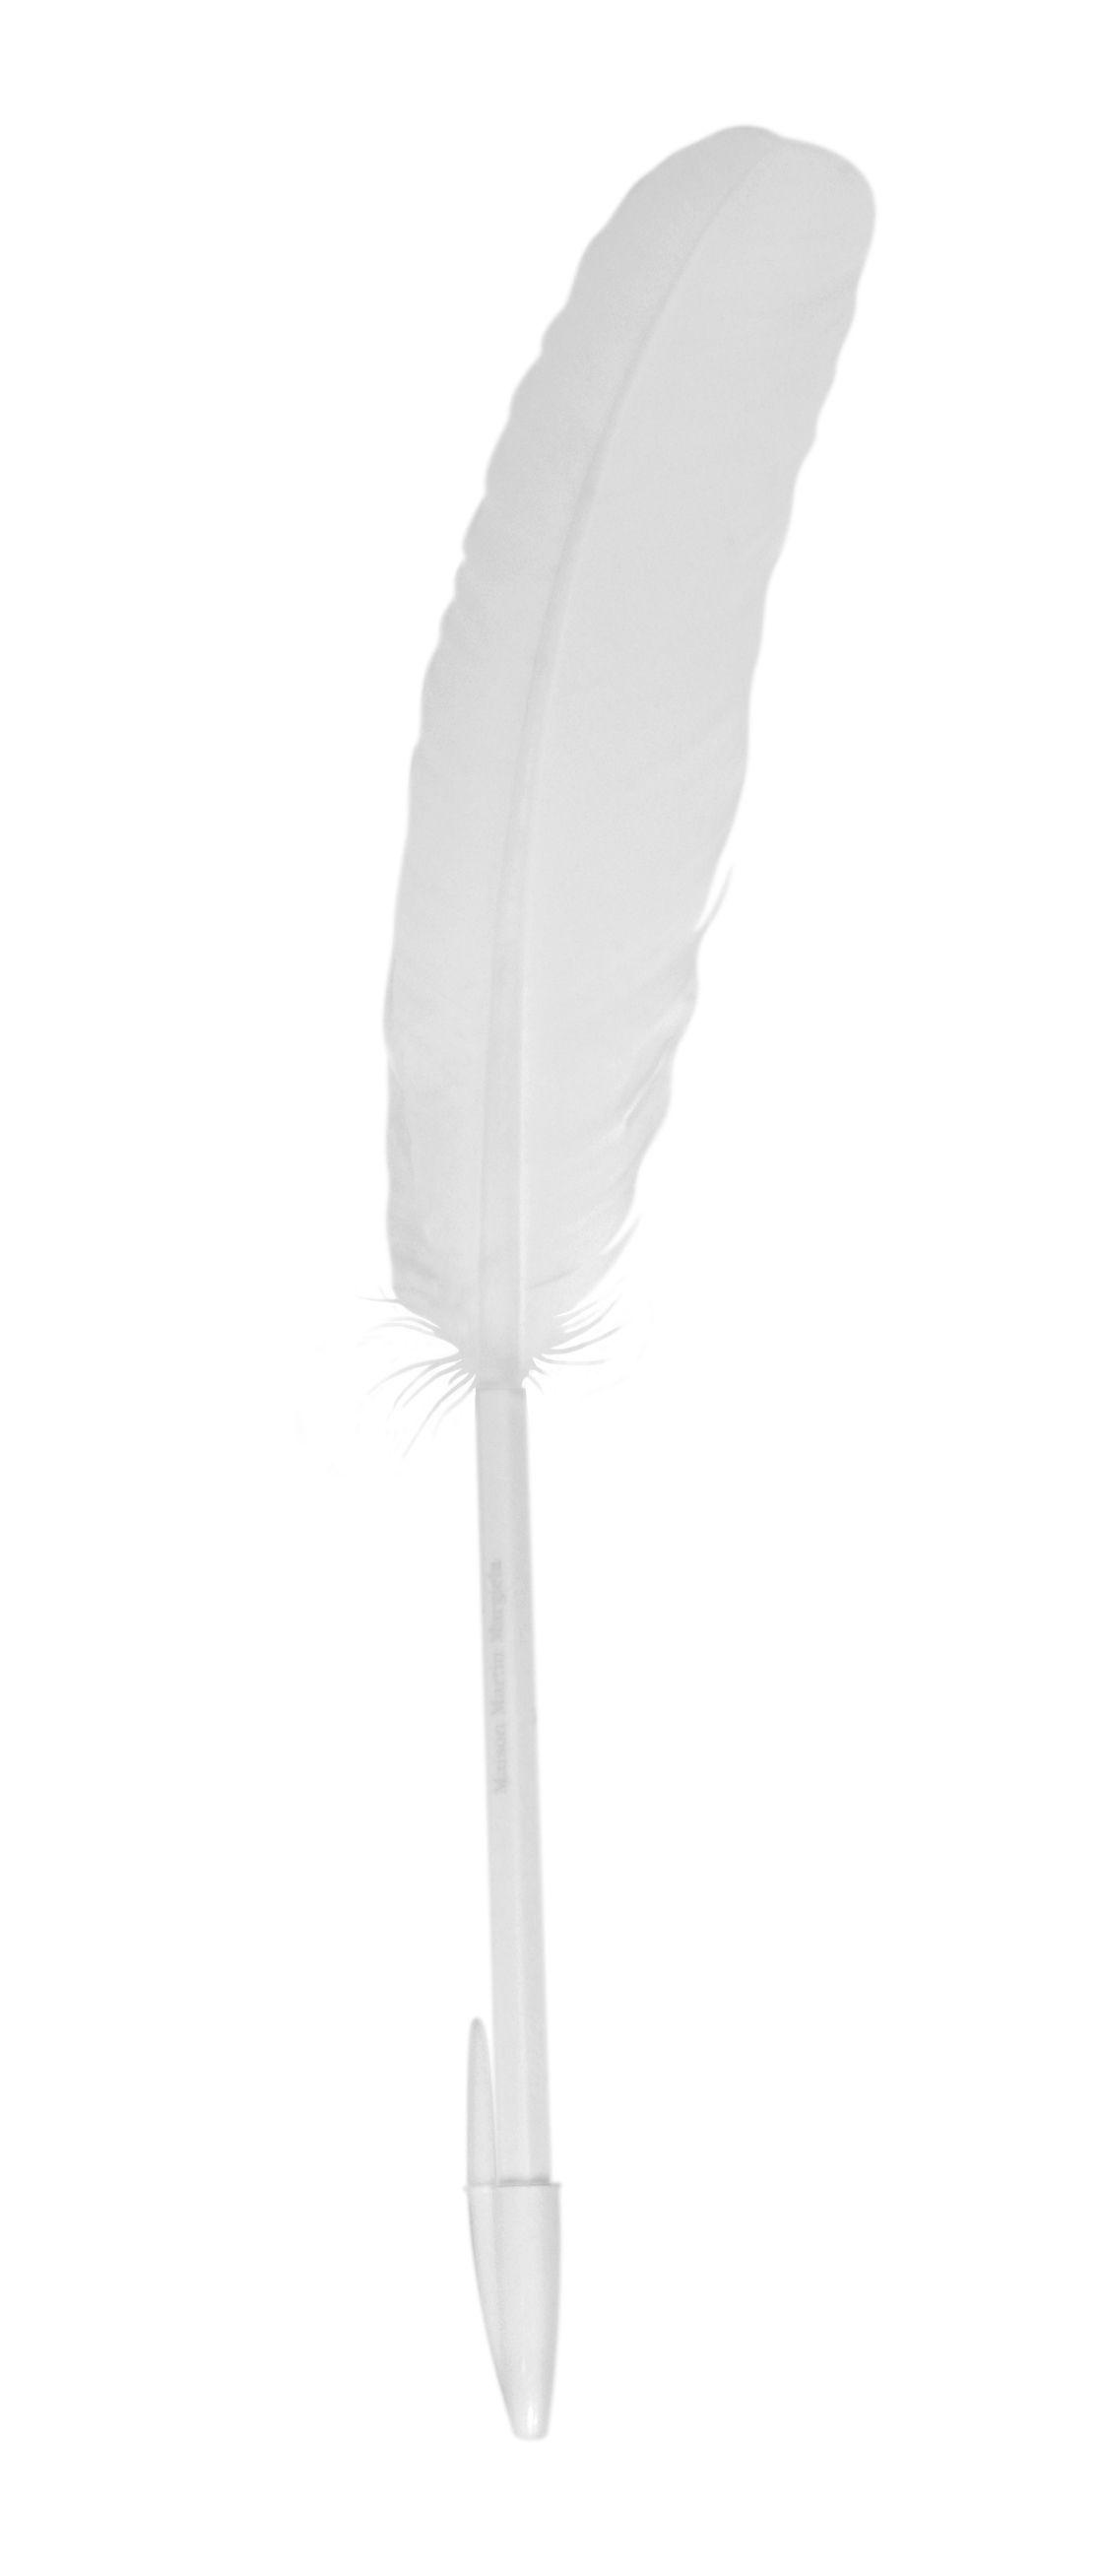 Déco - Accessoires bureau - Stylo Plume d'oie - Maison Martin Margiela - Blanc - Plastique, Plume